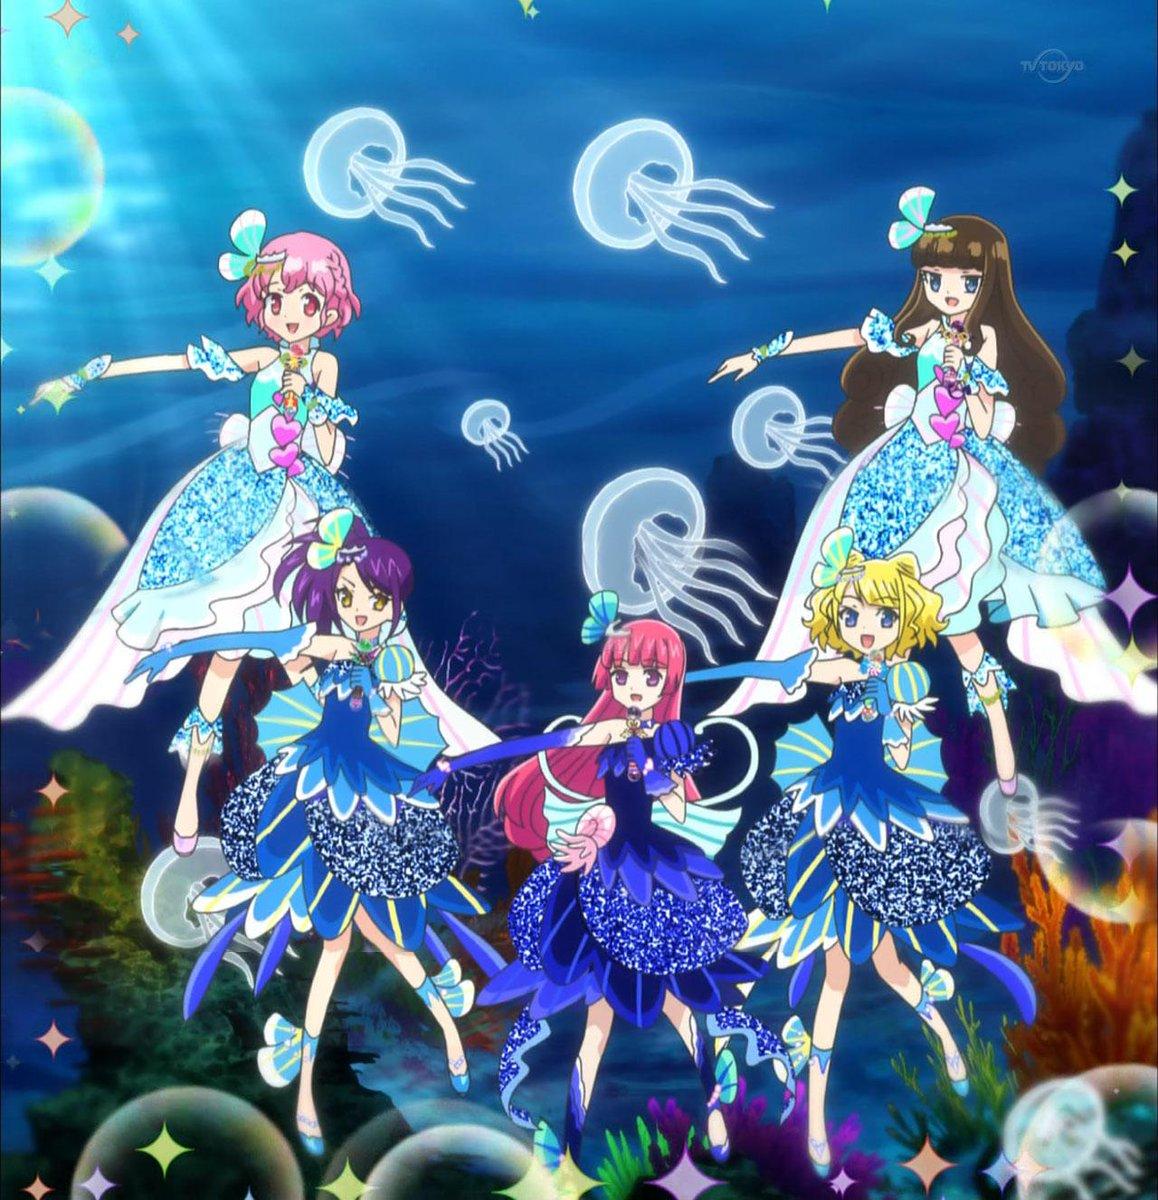 http://twitter.com/sasayaka5/status/653511950605783040/photo/1